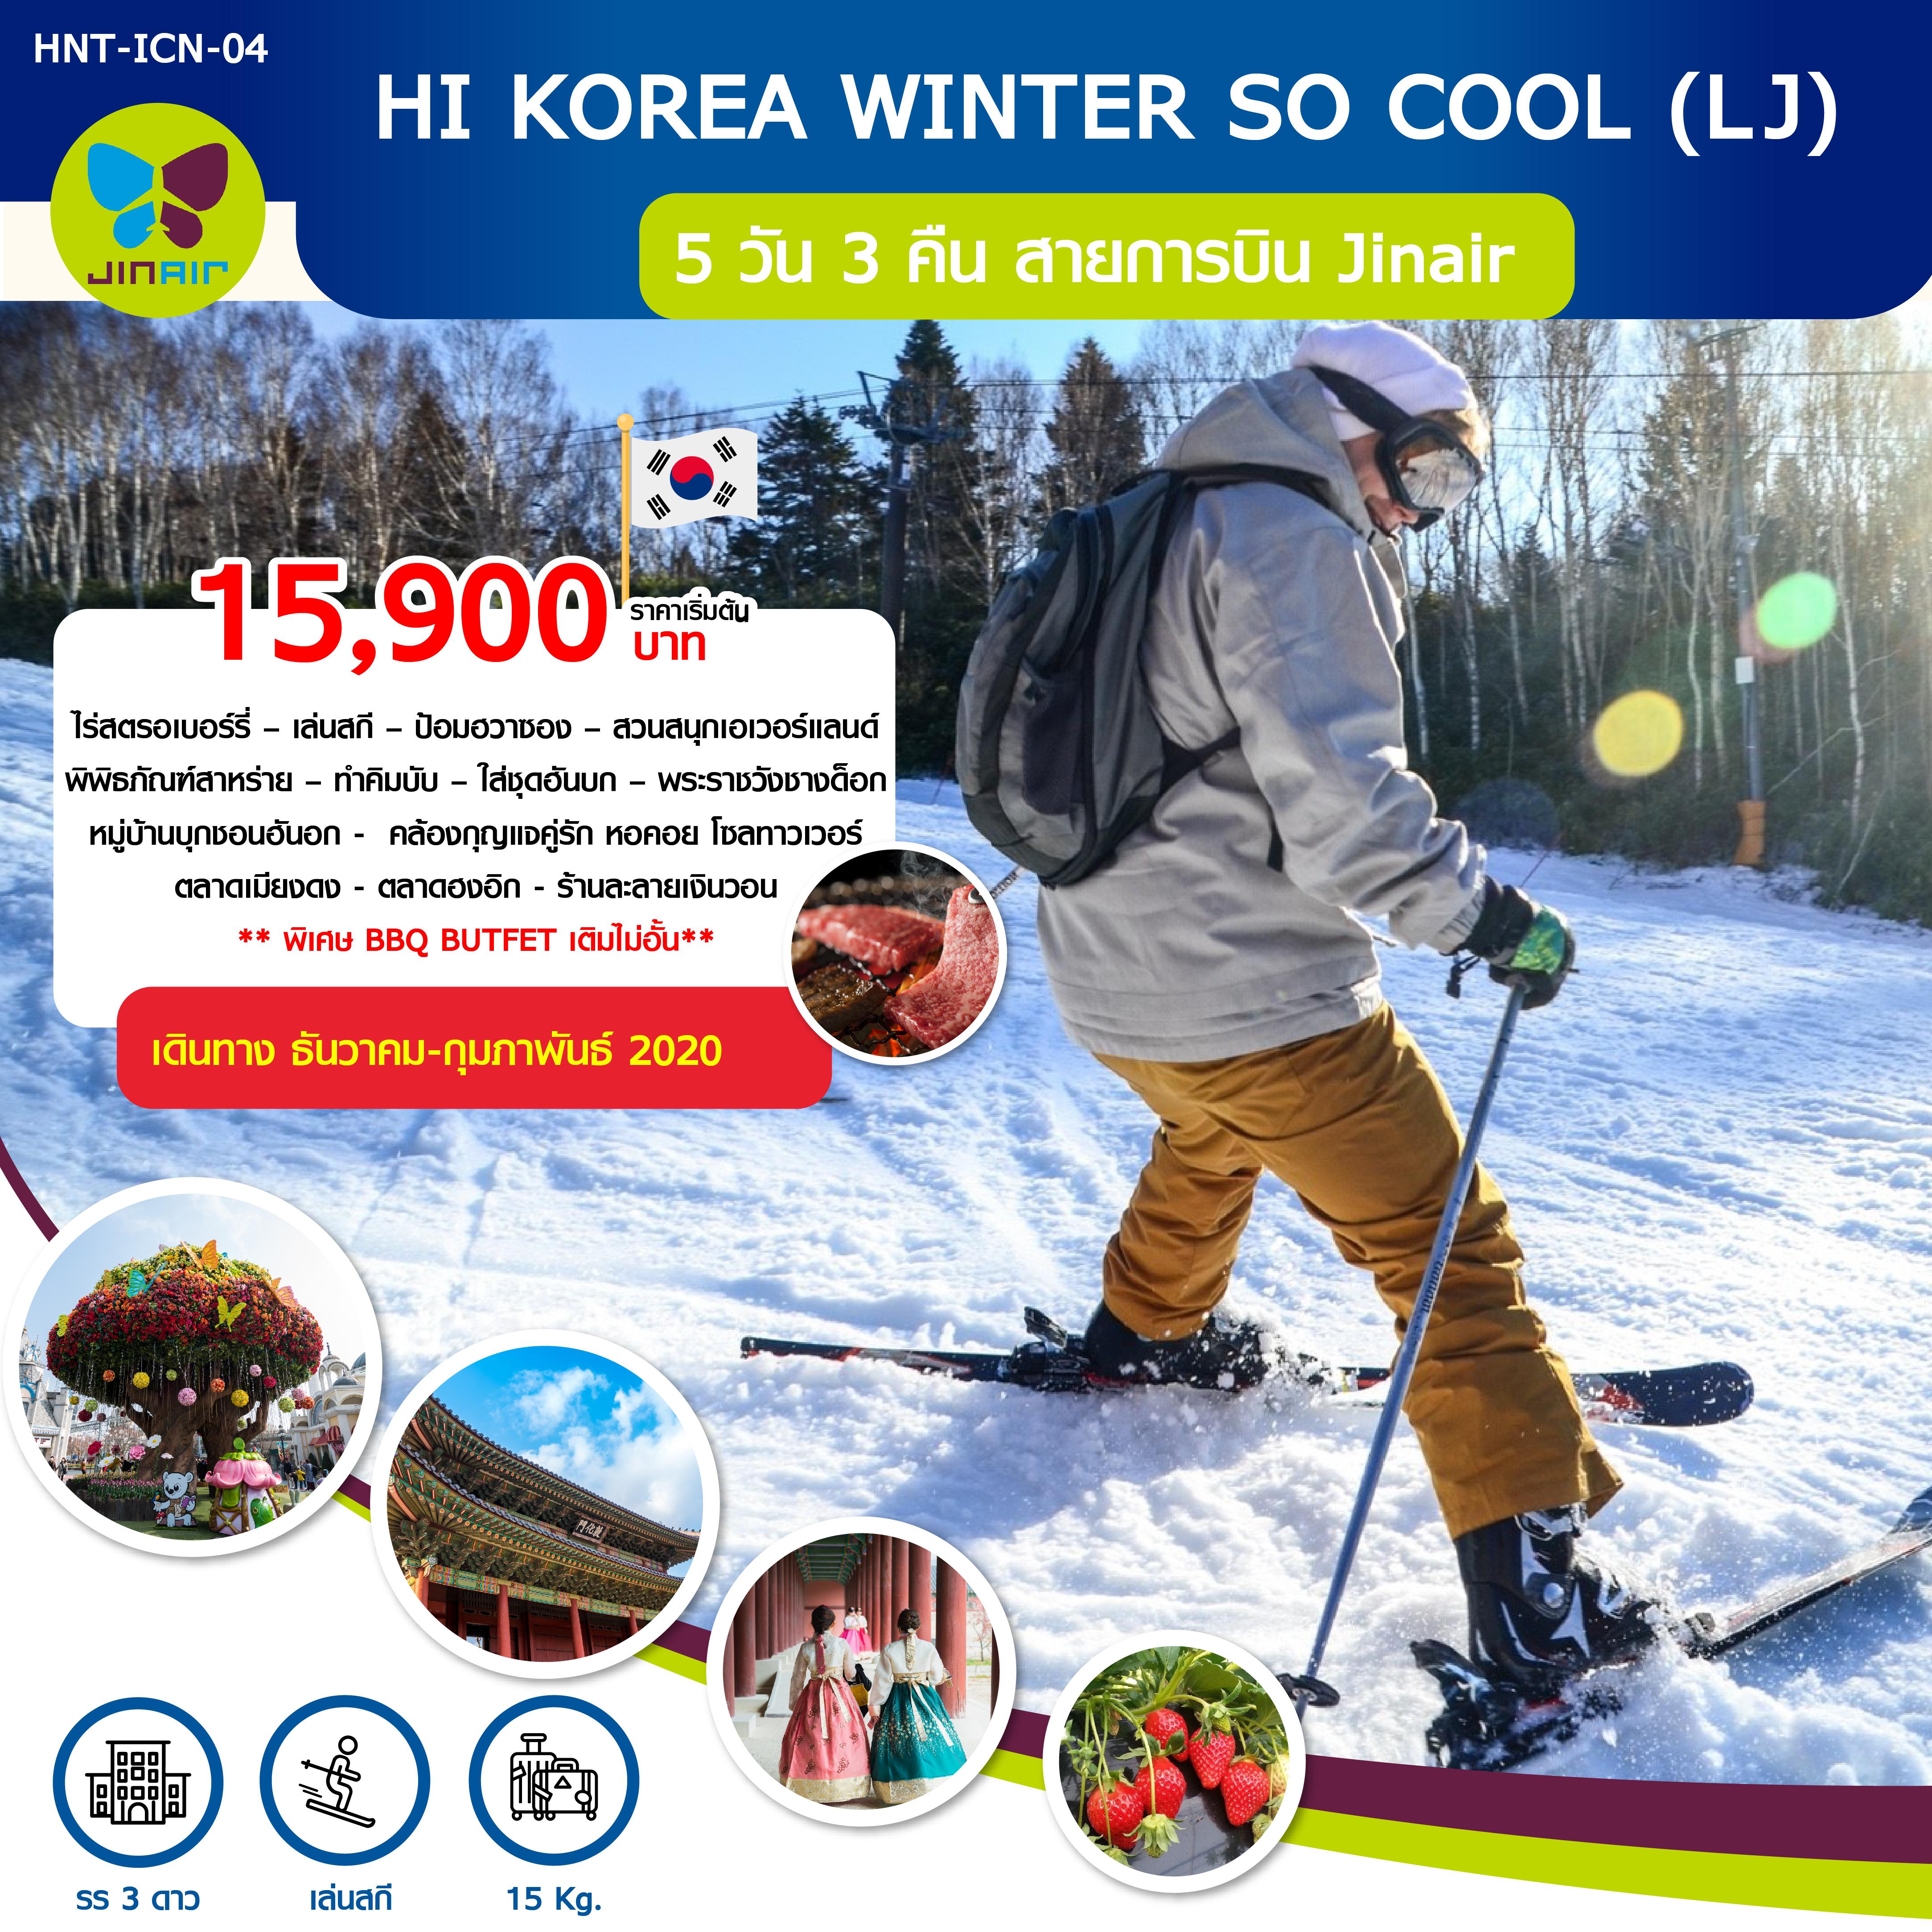 -ปีใหม่-!!-ทัวร์เกาหลี-HI-KOREA-WINTER-SO-COOL-5วัน-3คืน-(DEC19-FEB20)-(HNT-ICN-04)